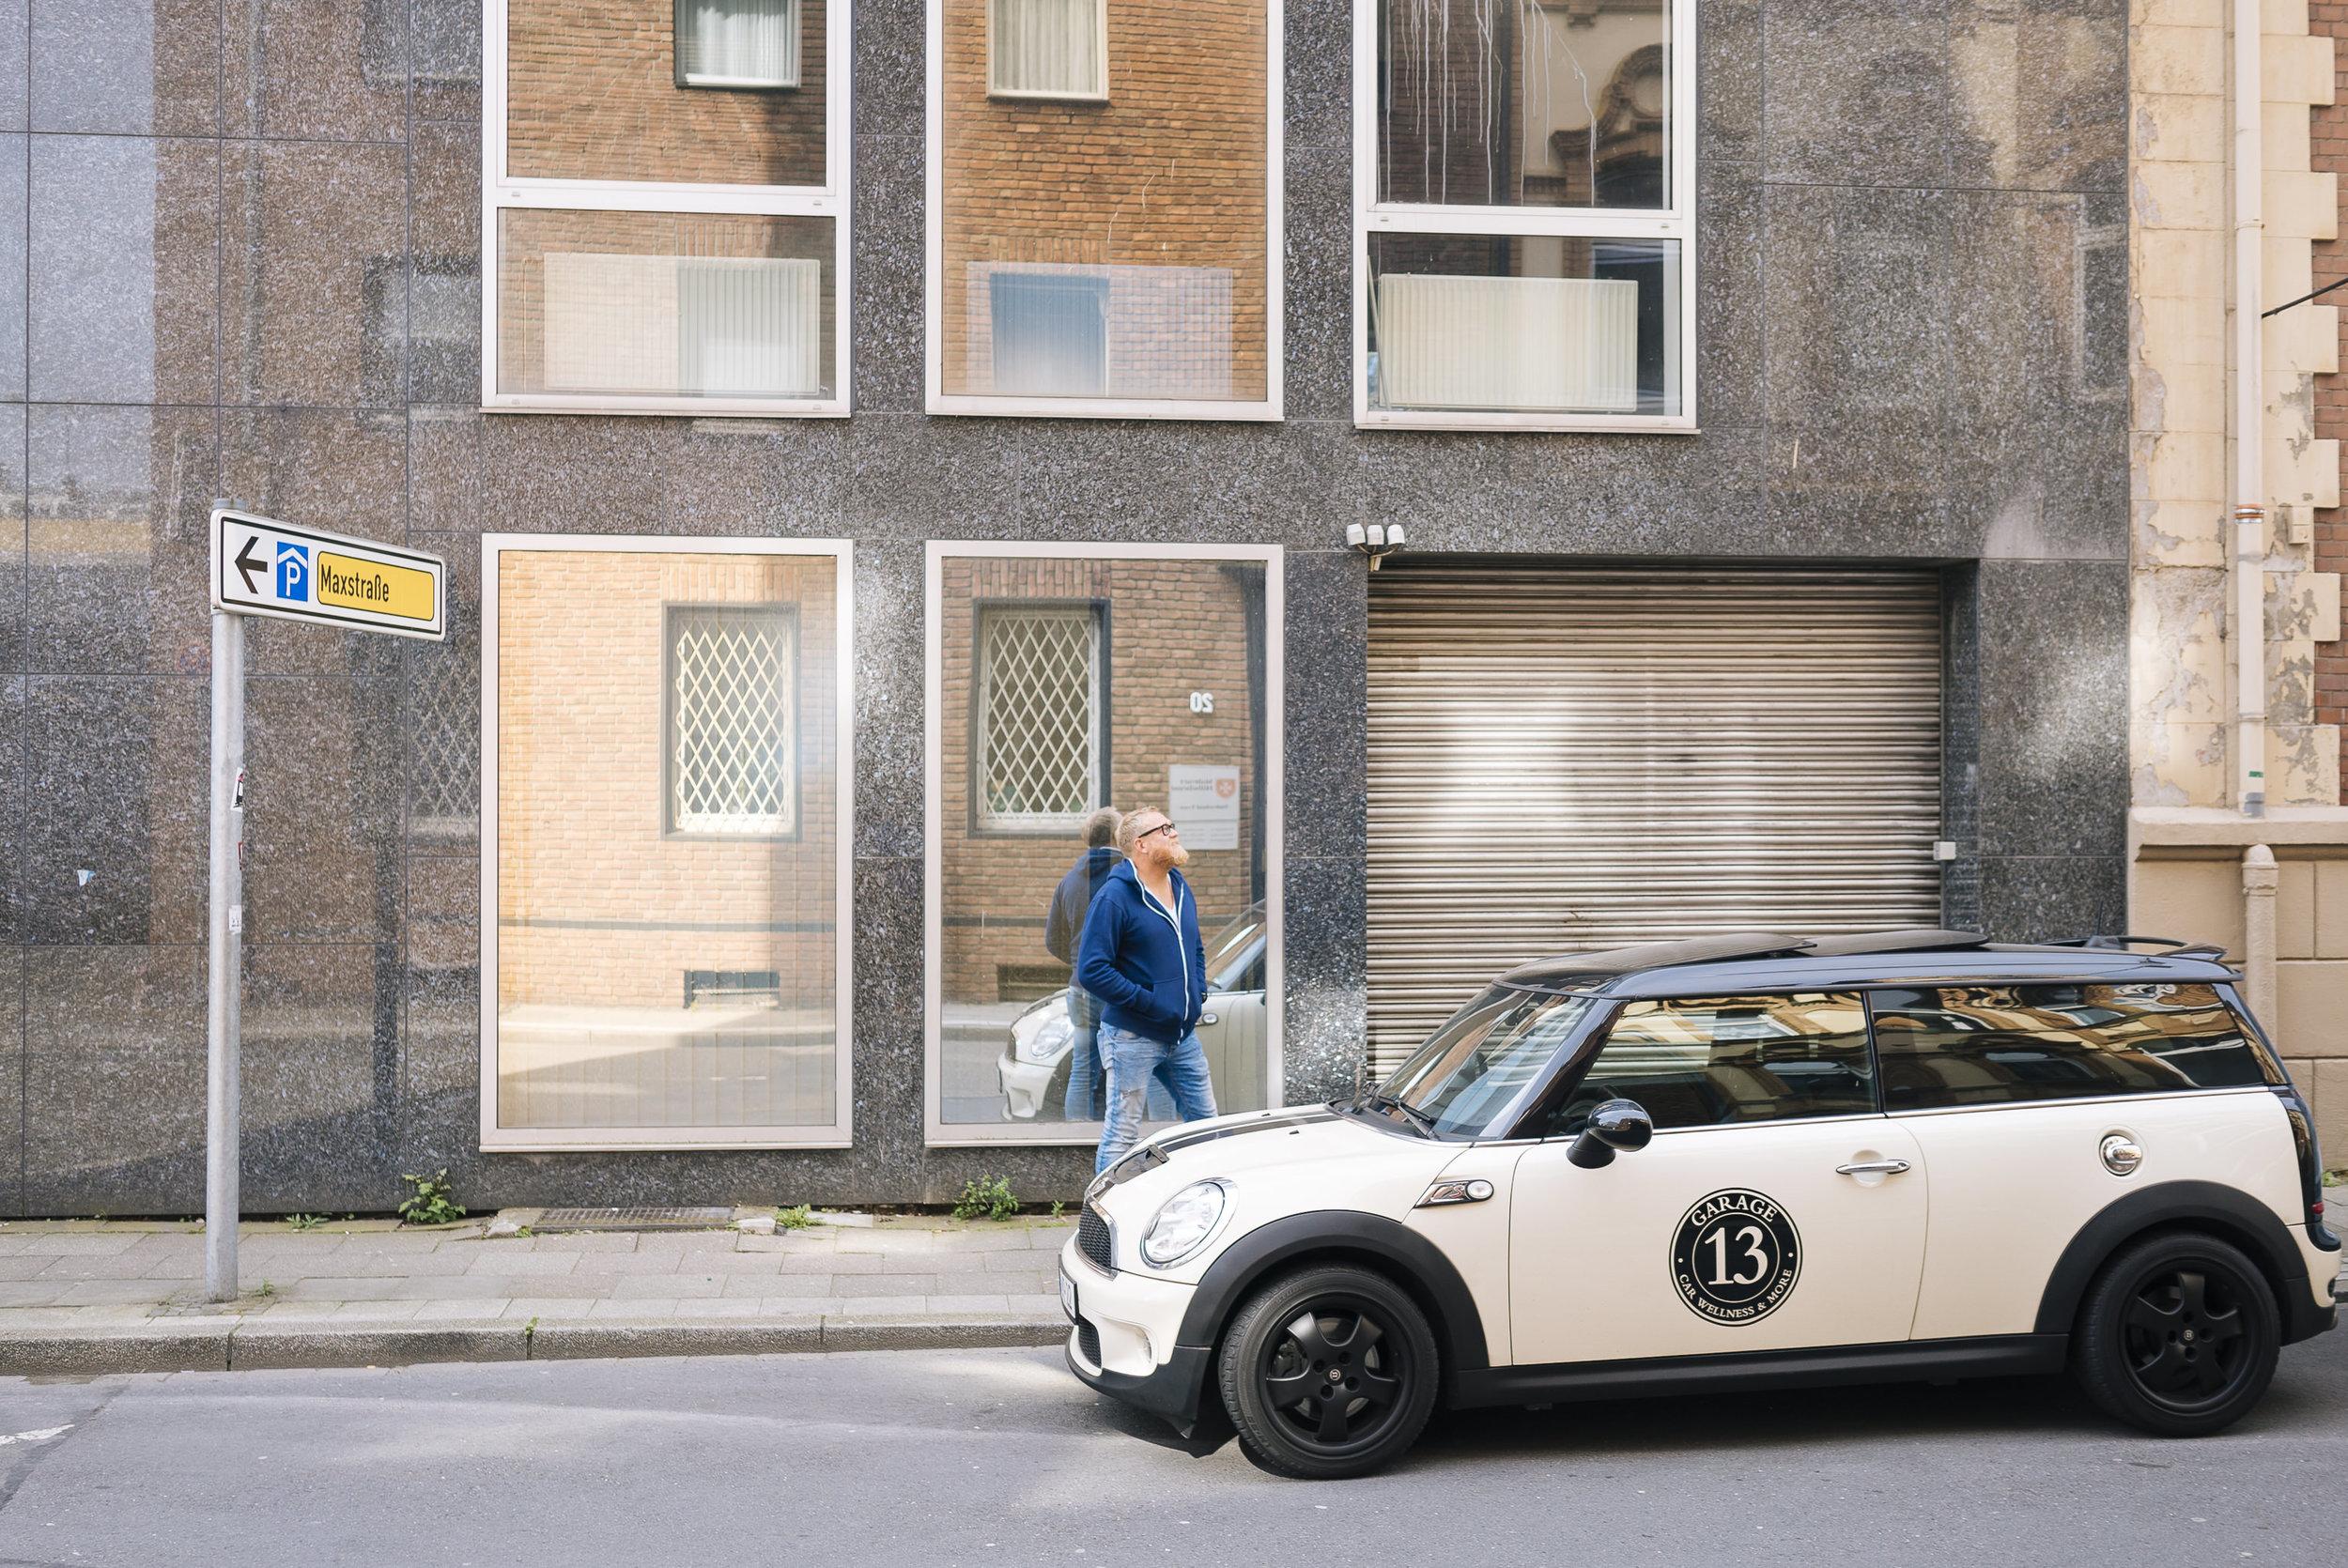 peter-schneider-garage13-essen-pottspott-47.jpg